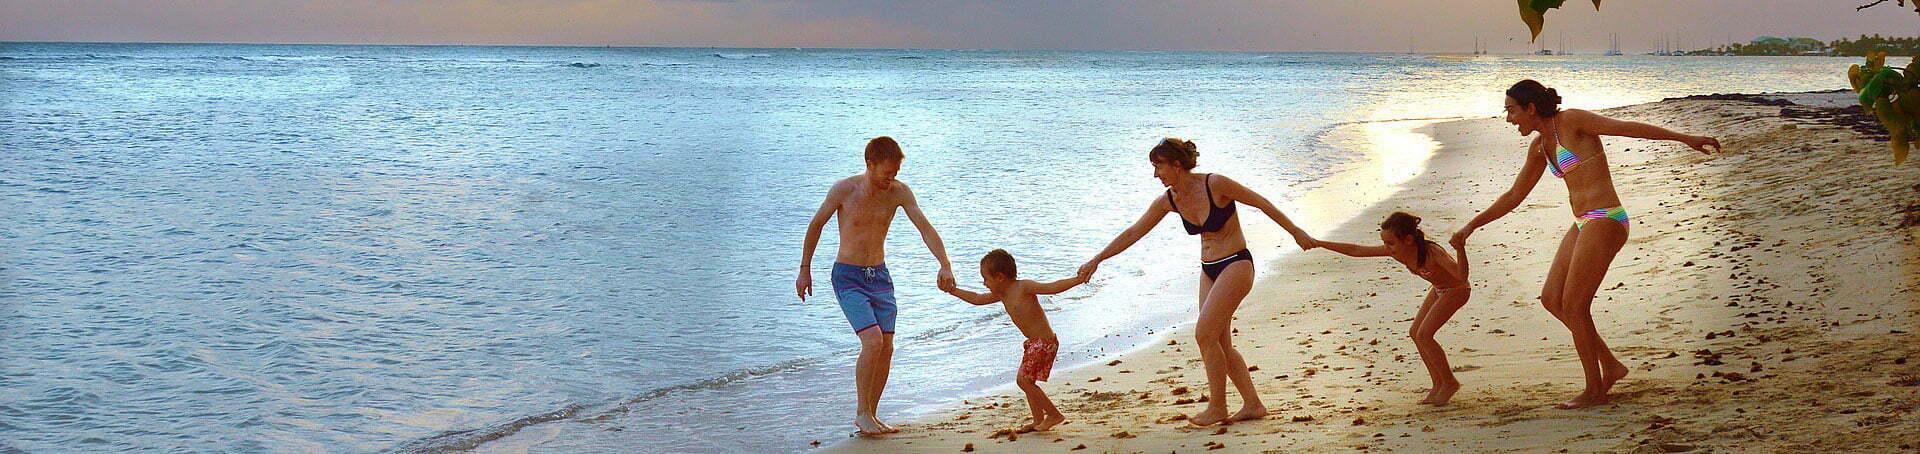 Famille se tenant la main sur la plage